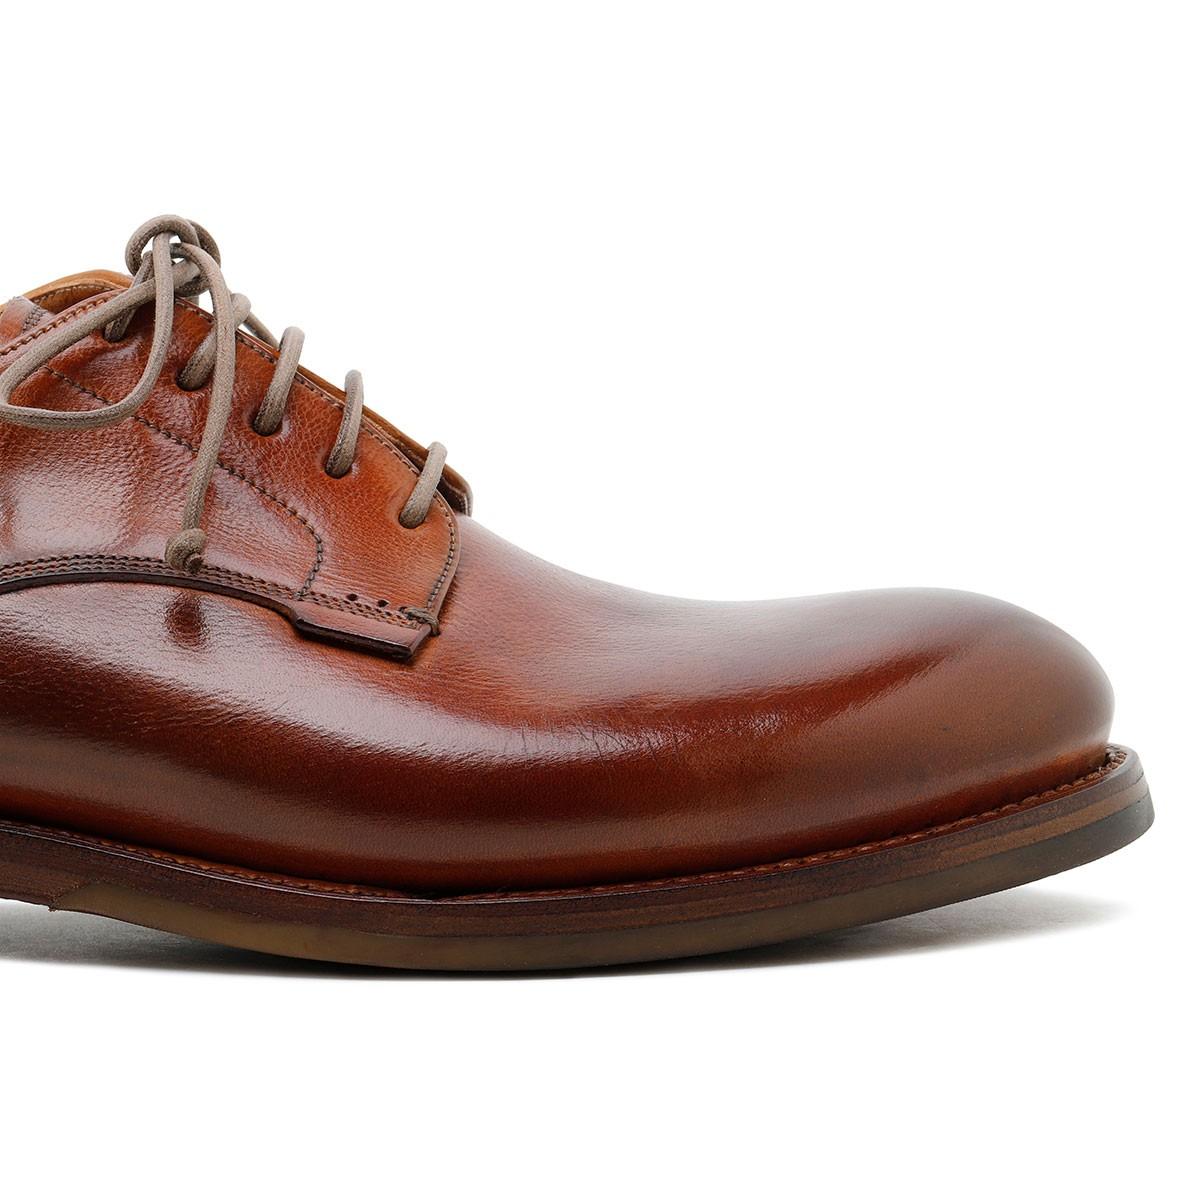 Zurigo brandy-hue leather Derby shoes